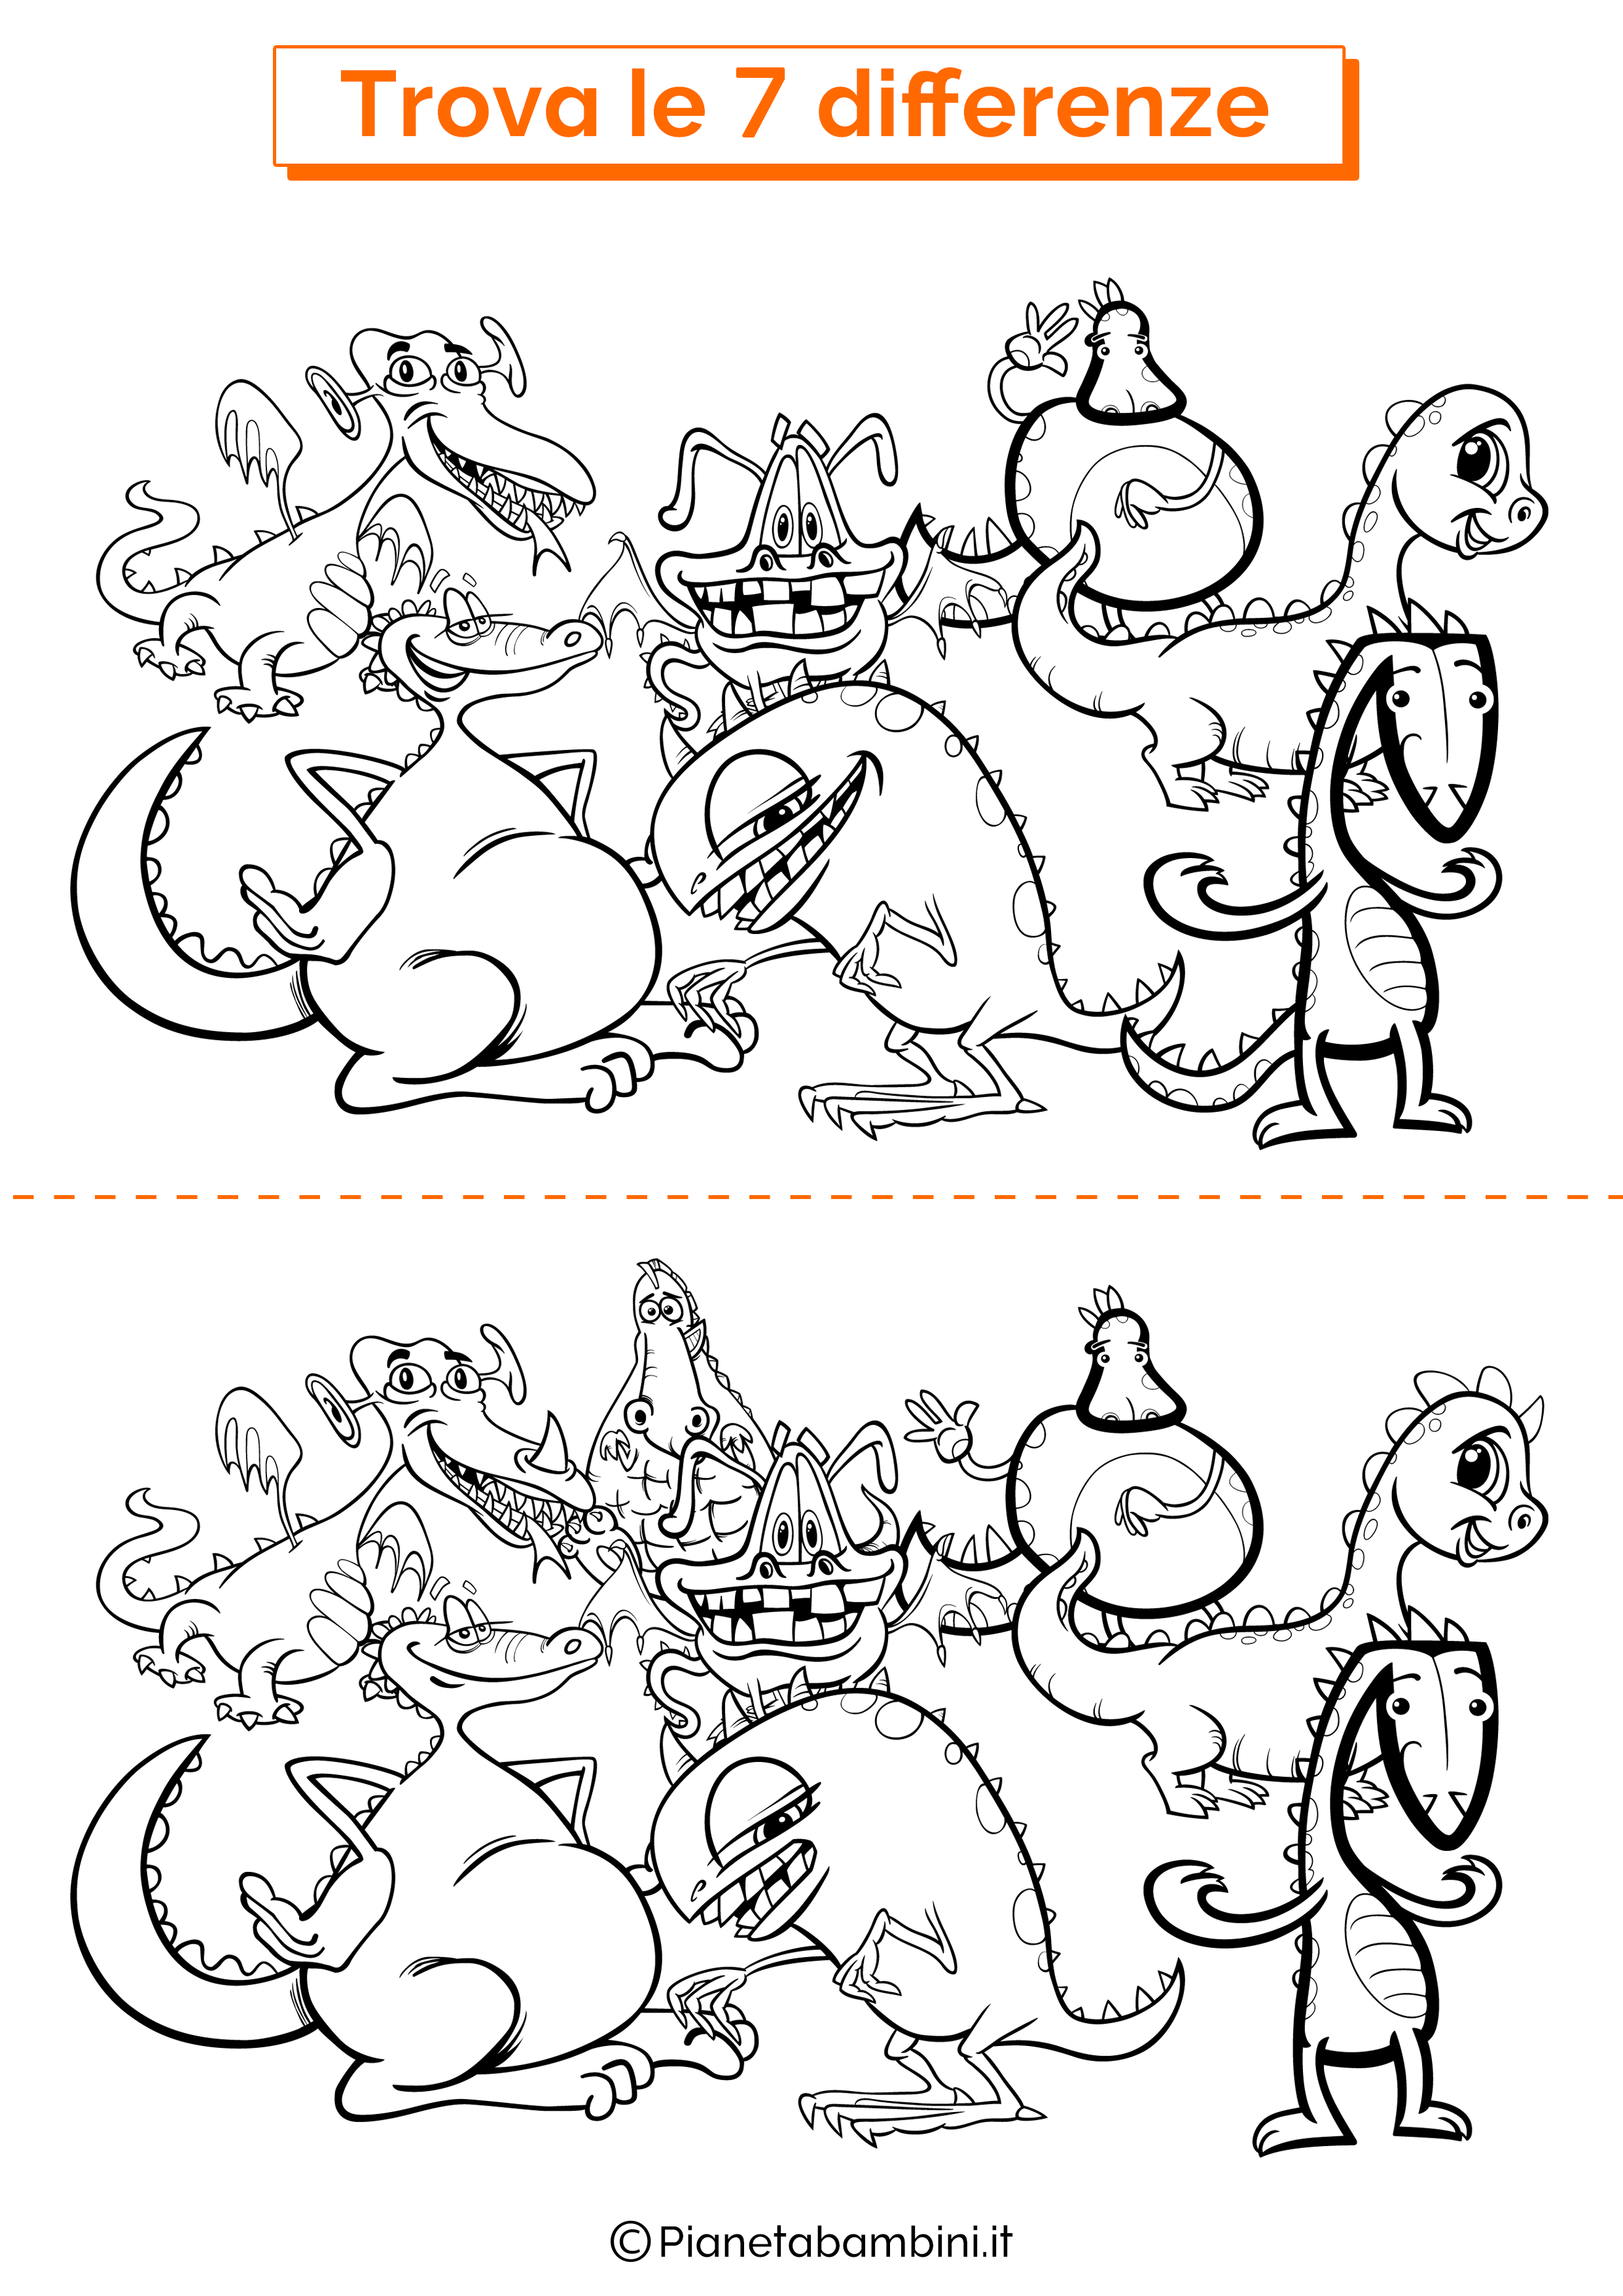 Disegno trova 7 differenze draghi